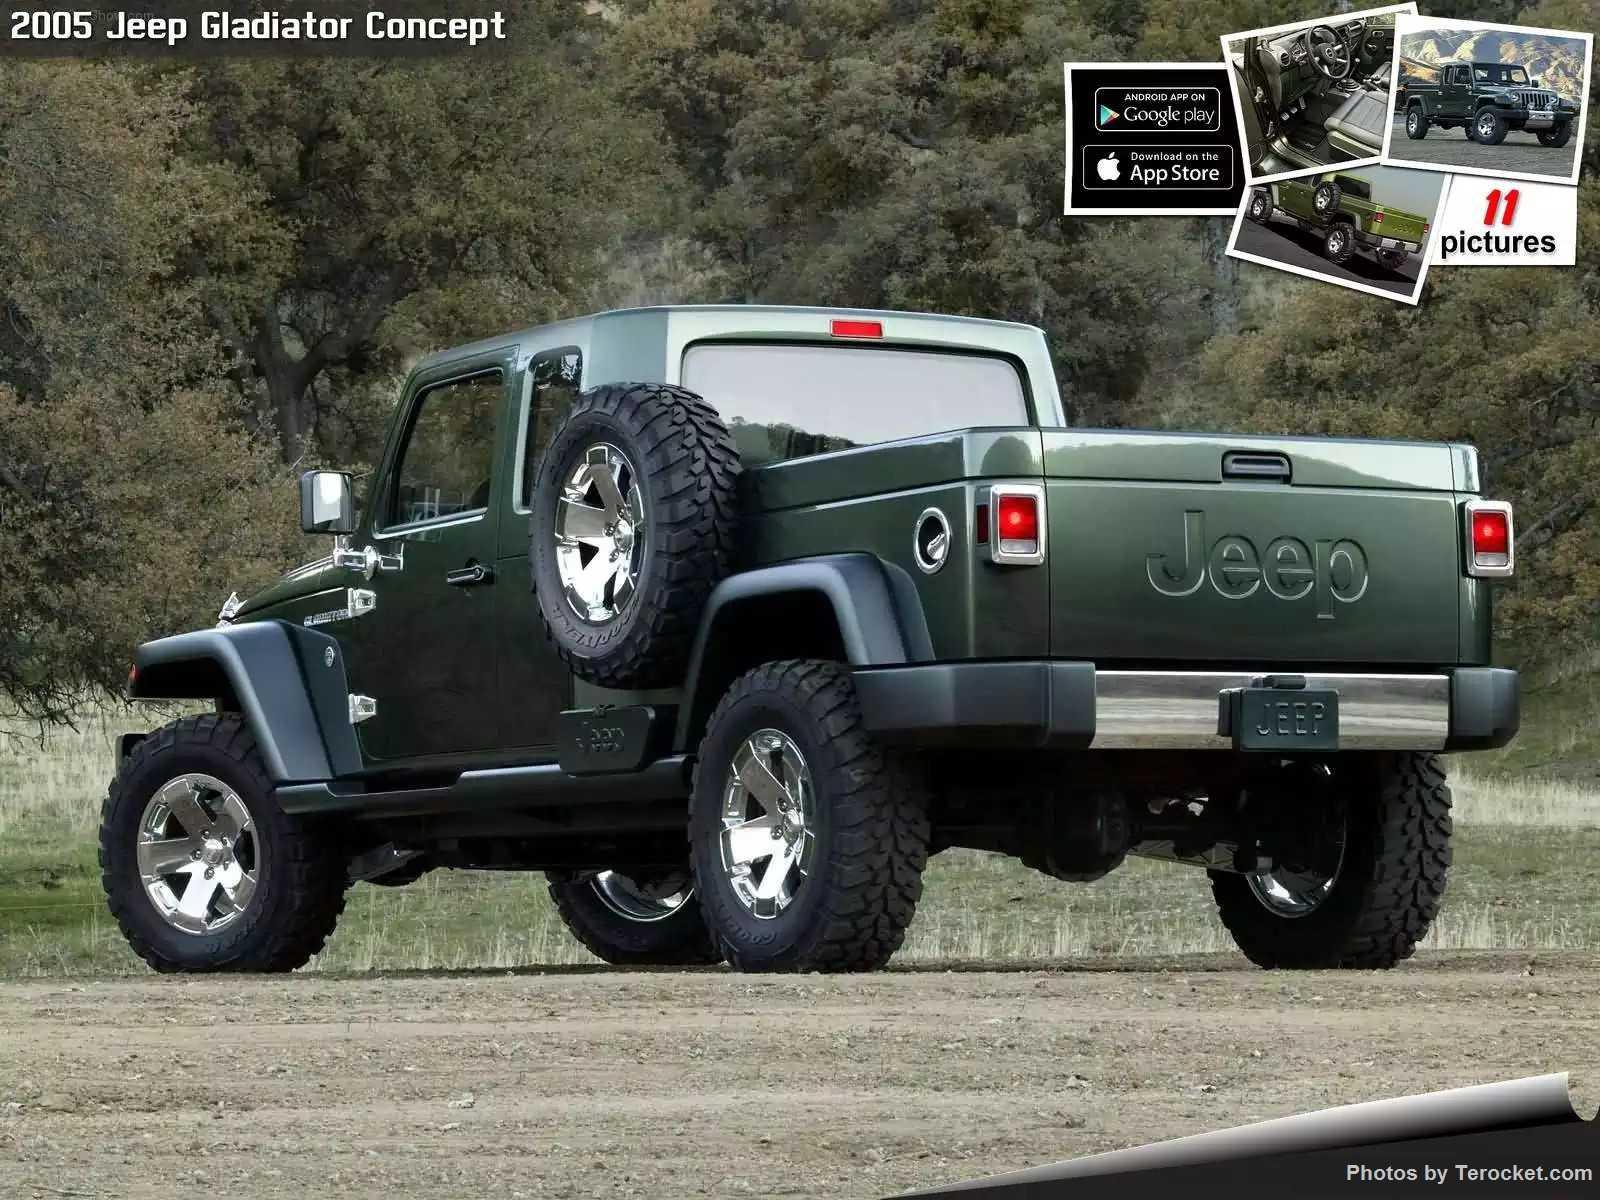 Hình ảnh xe ô tô Jeep Gladiator Concept 2005 & nội ngoại thất